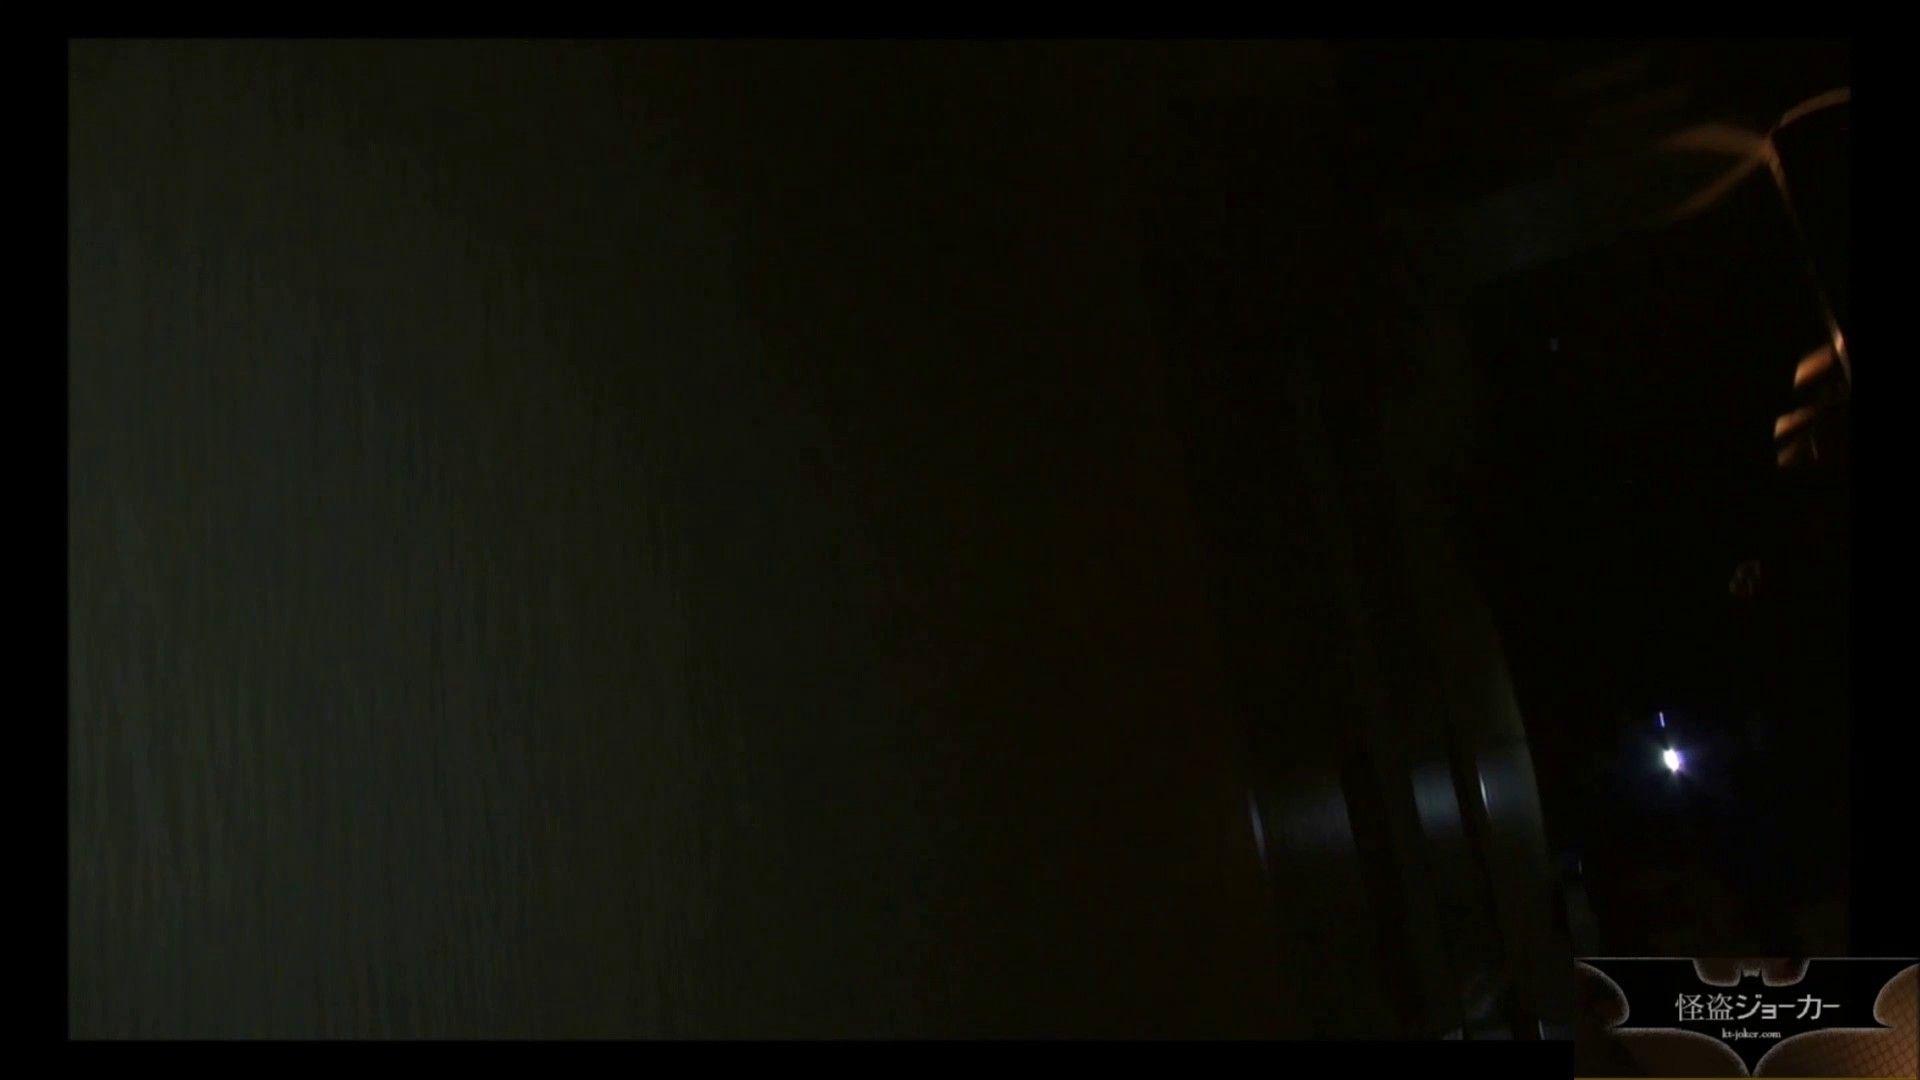 【未公開】vol.65 {黒髪美少女18歳}AIちゃん、連れ込み悪戯③ 悪戯 オマンコ動画キャプチャ 92枚 69